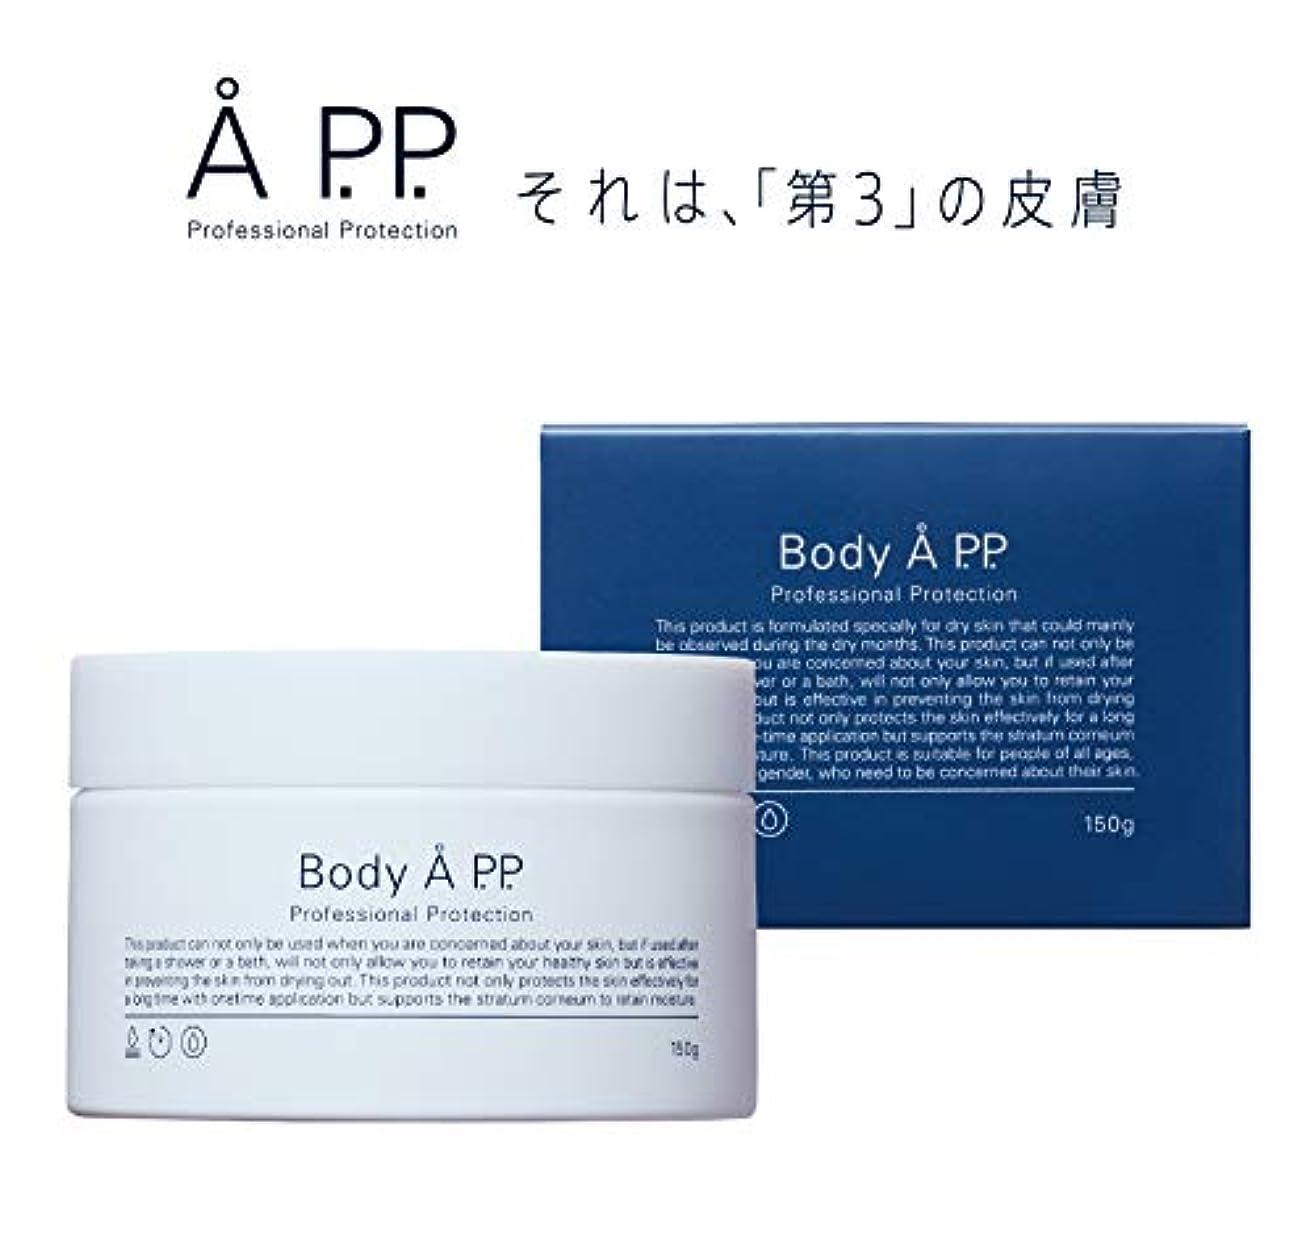 費やす服を着る家禽Body A P.P. プロフェッショナルプロテクション 高機能 ボディクリーム ボディークリーム 人気 ランキング 保湿 無香料 150g (1個)